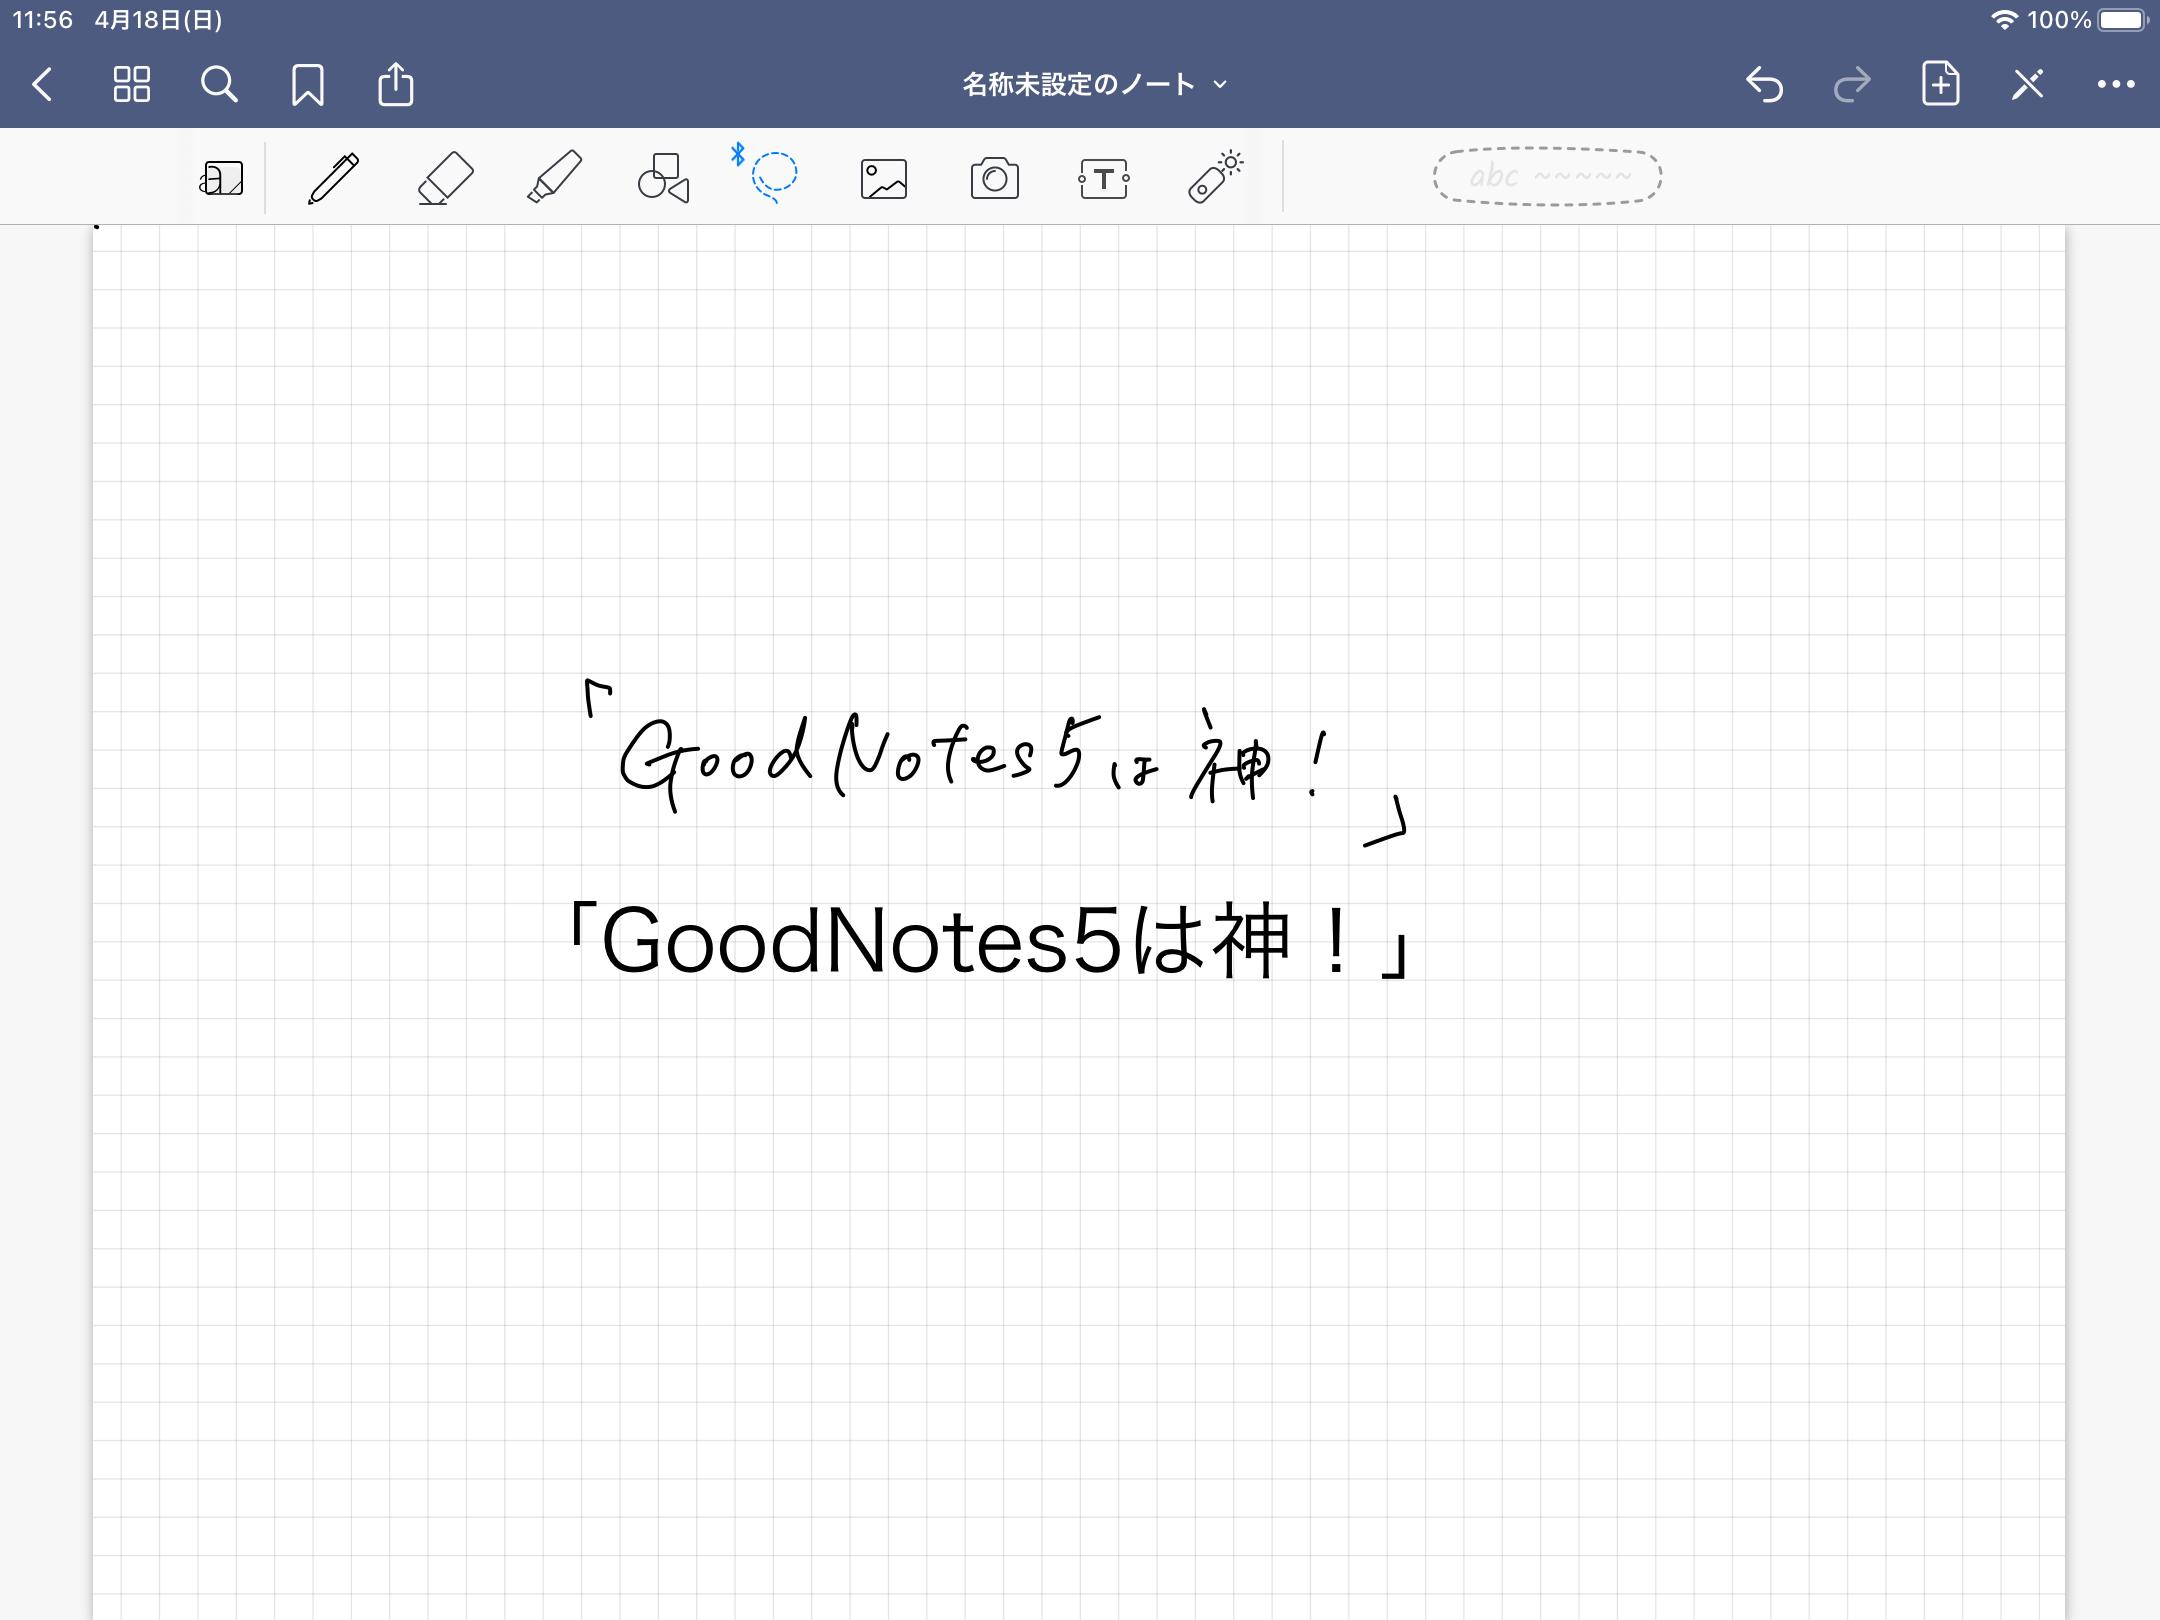 Goodnotes5のテキスト挿入